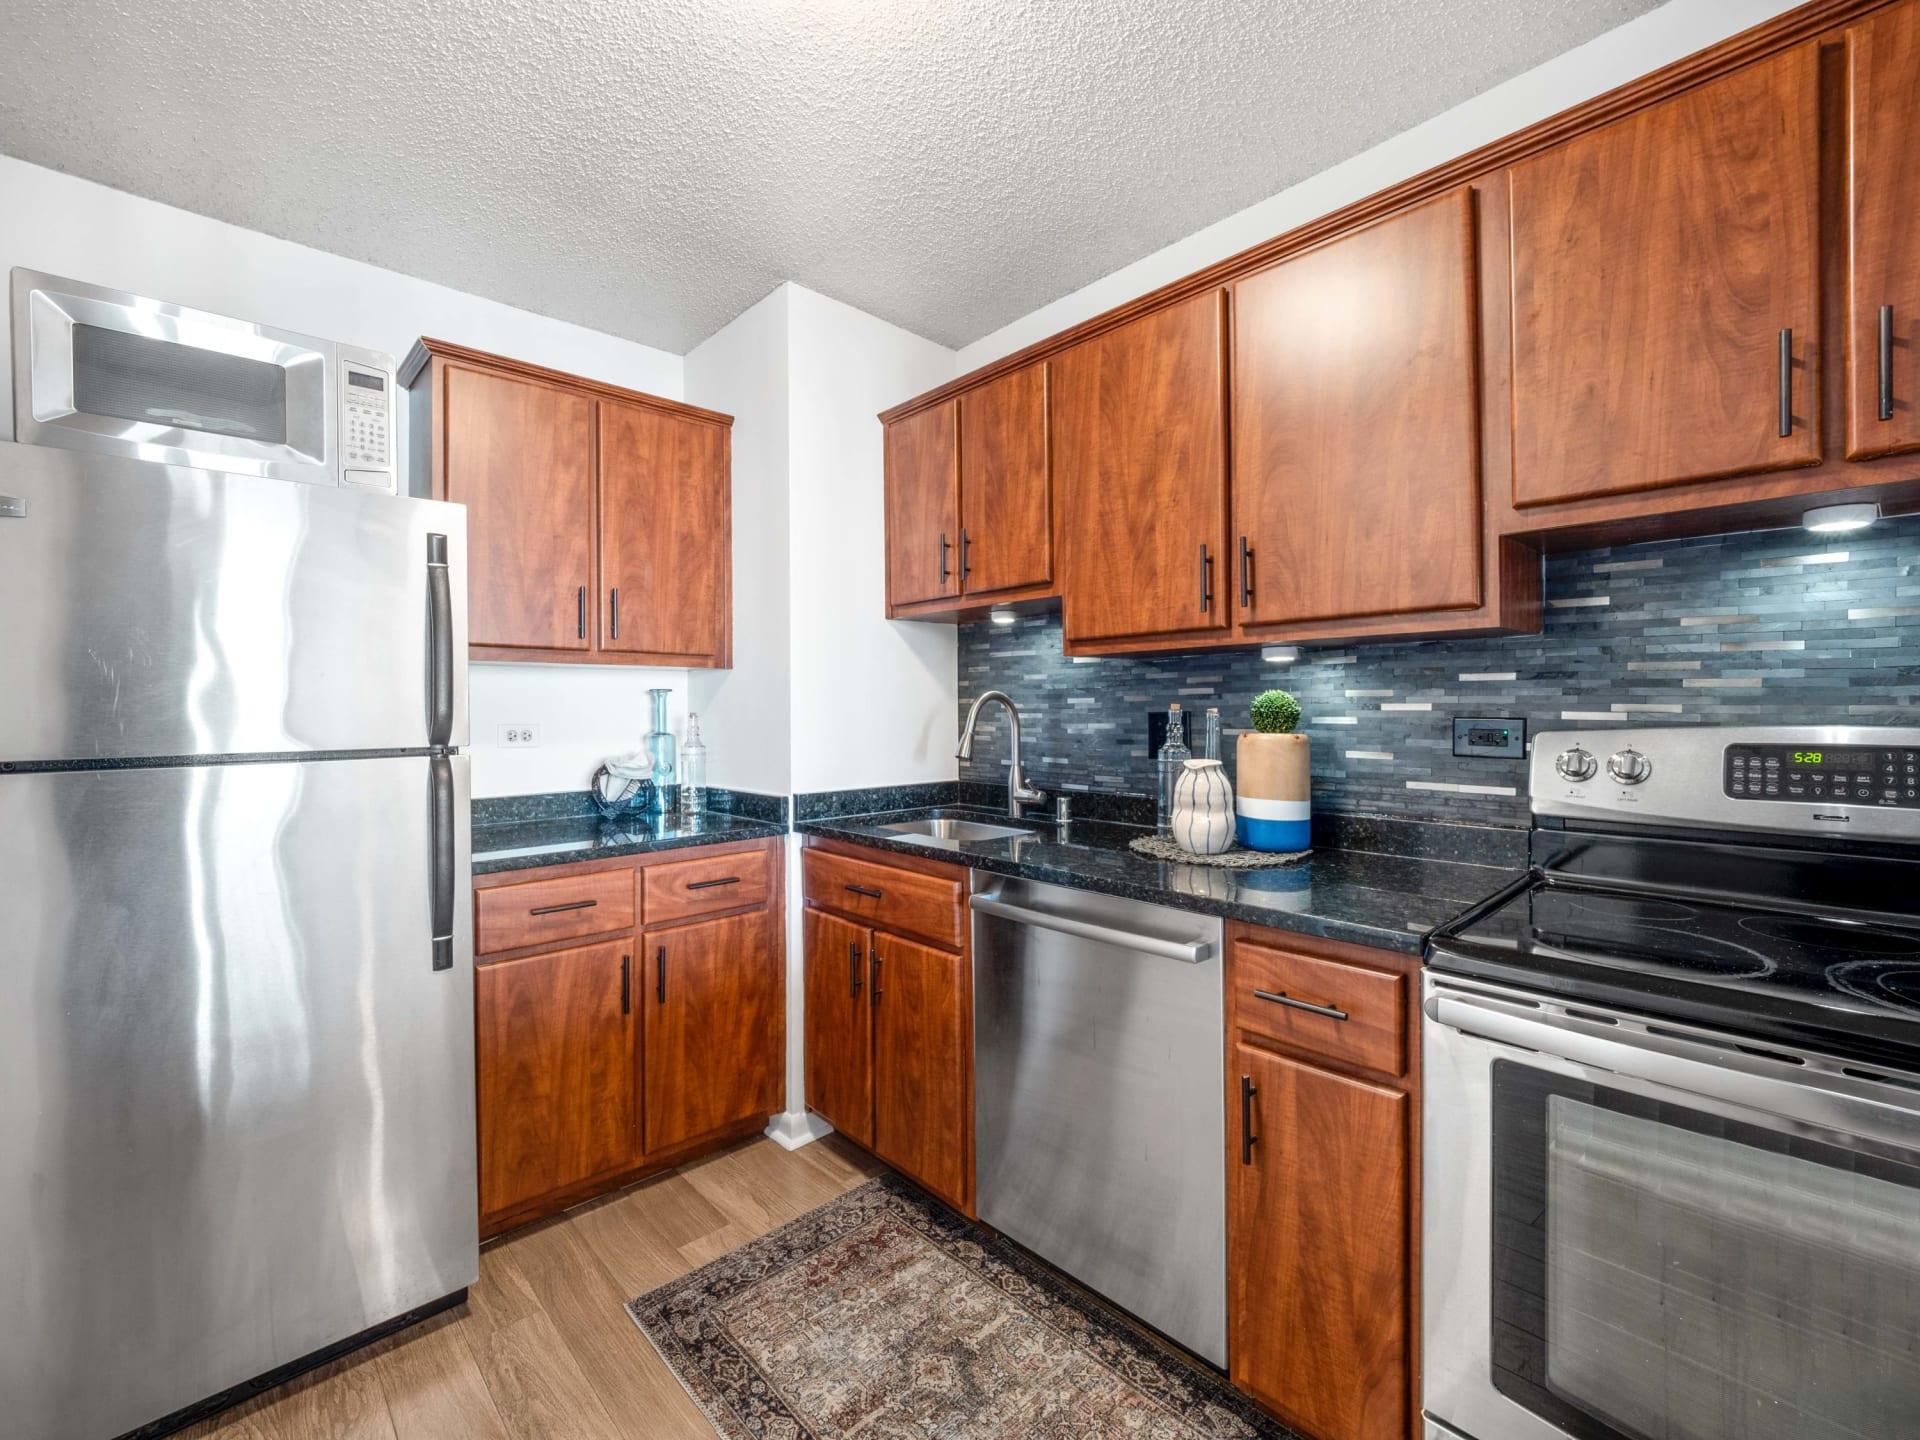 111 W Maple St, Unit 1803 photo